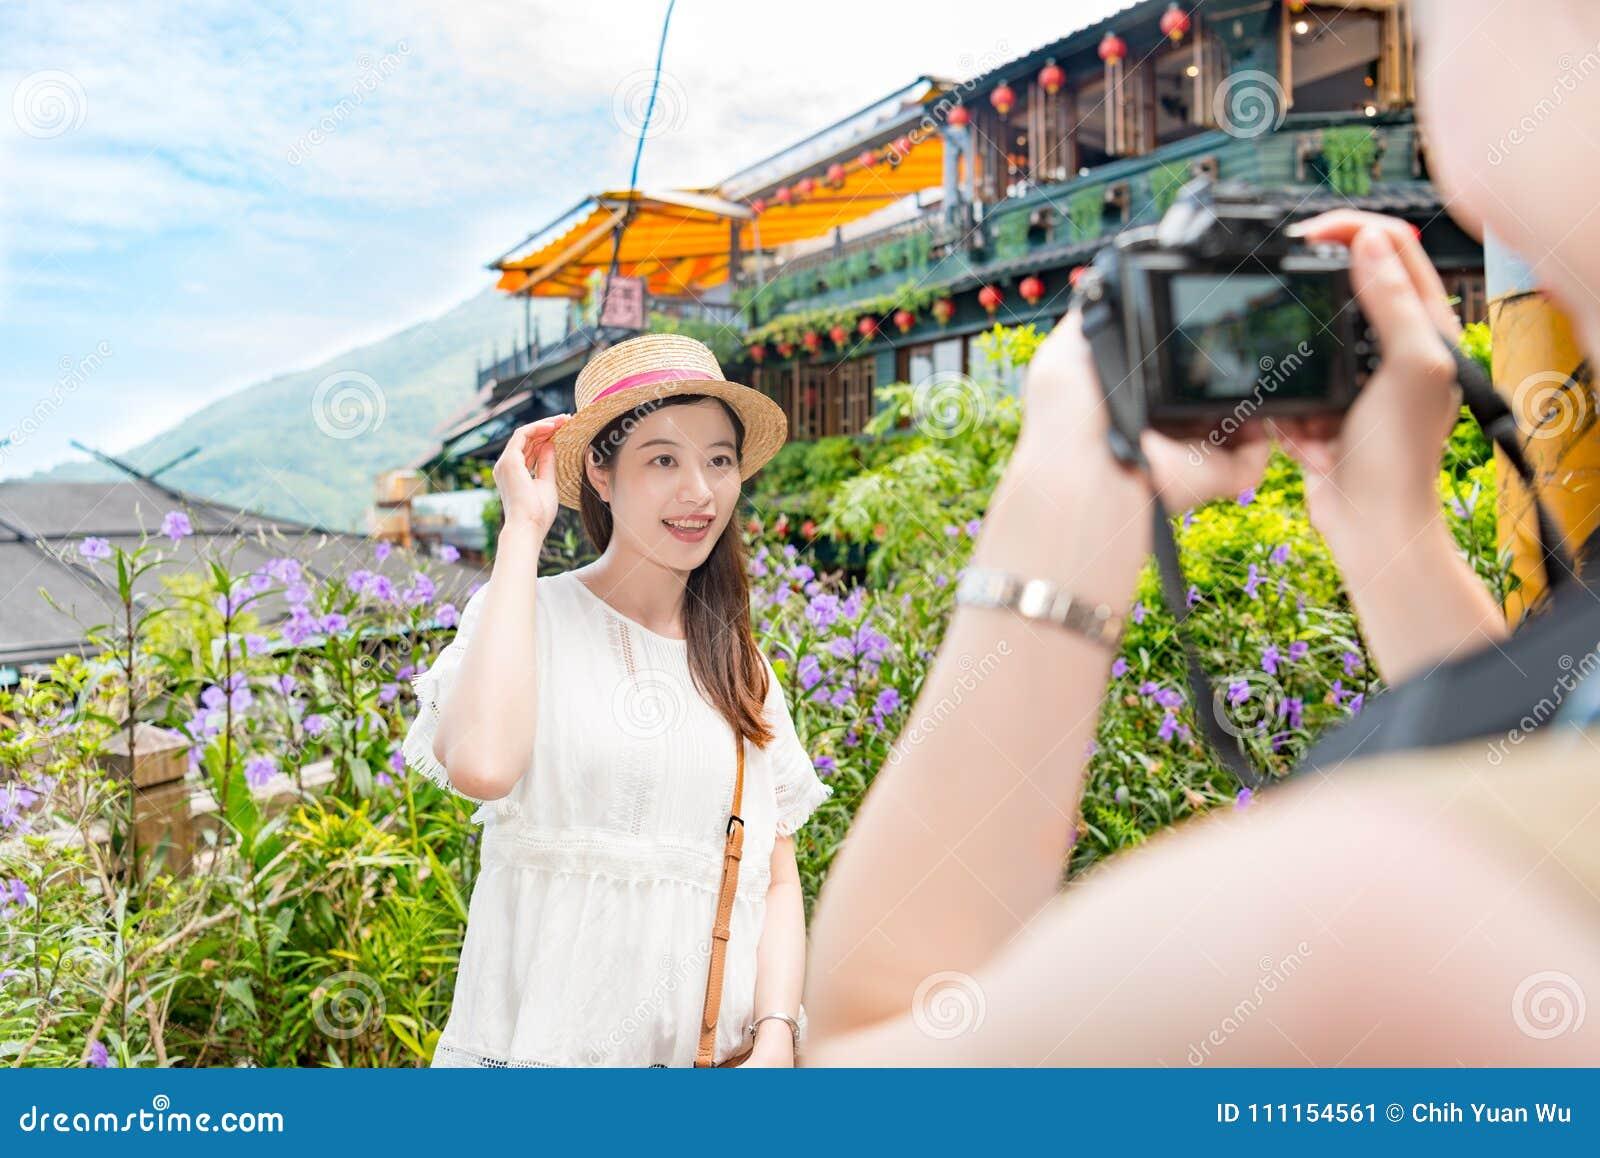 Οι φίλοι βοηθούν να πάρουν τις φωτογραφίες ταξιδιού με σκοπό τις διακοπές